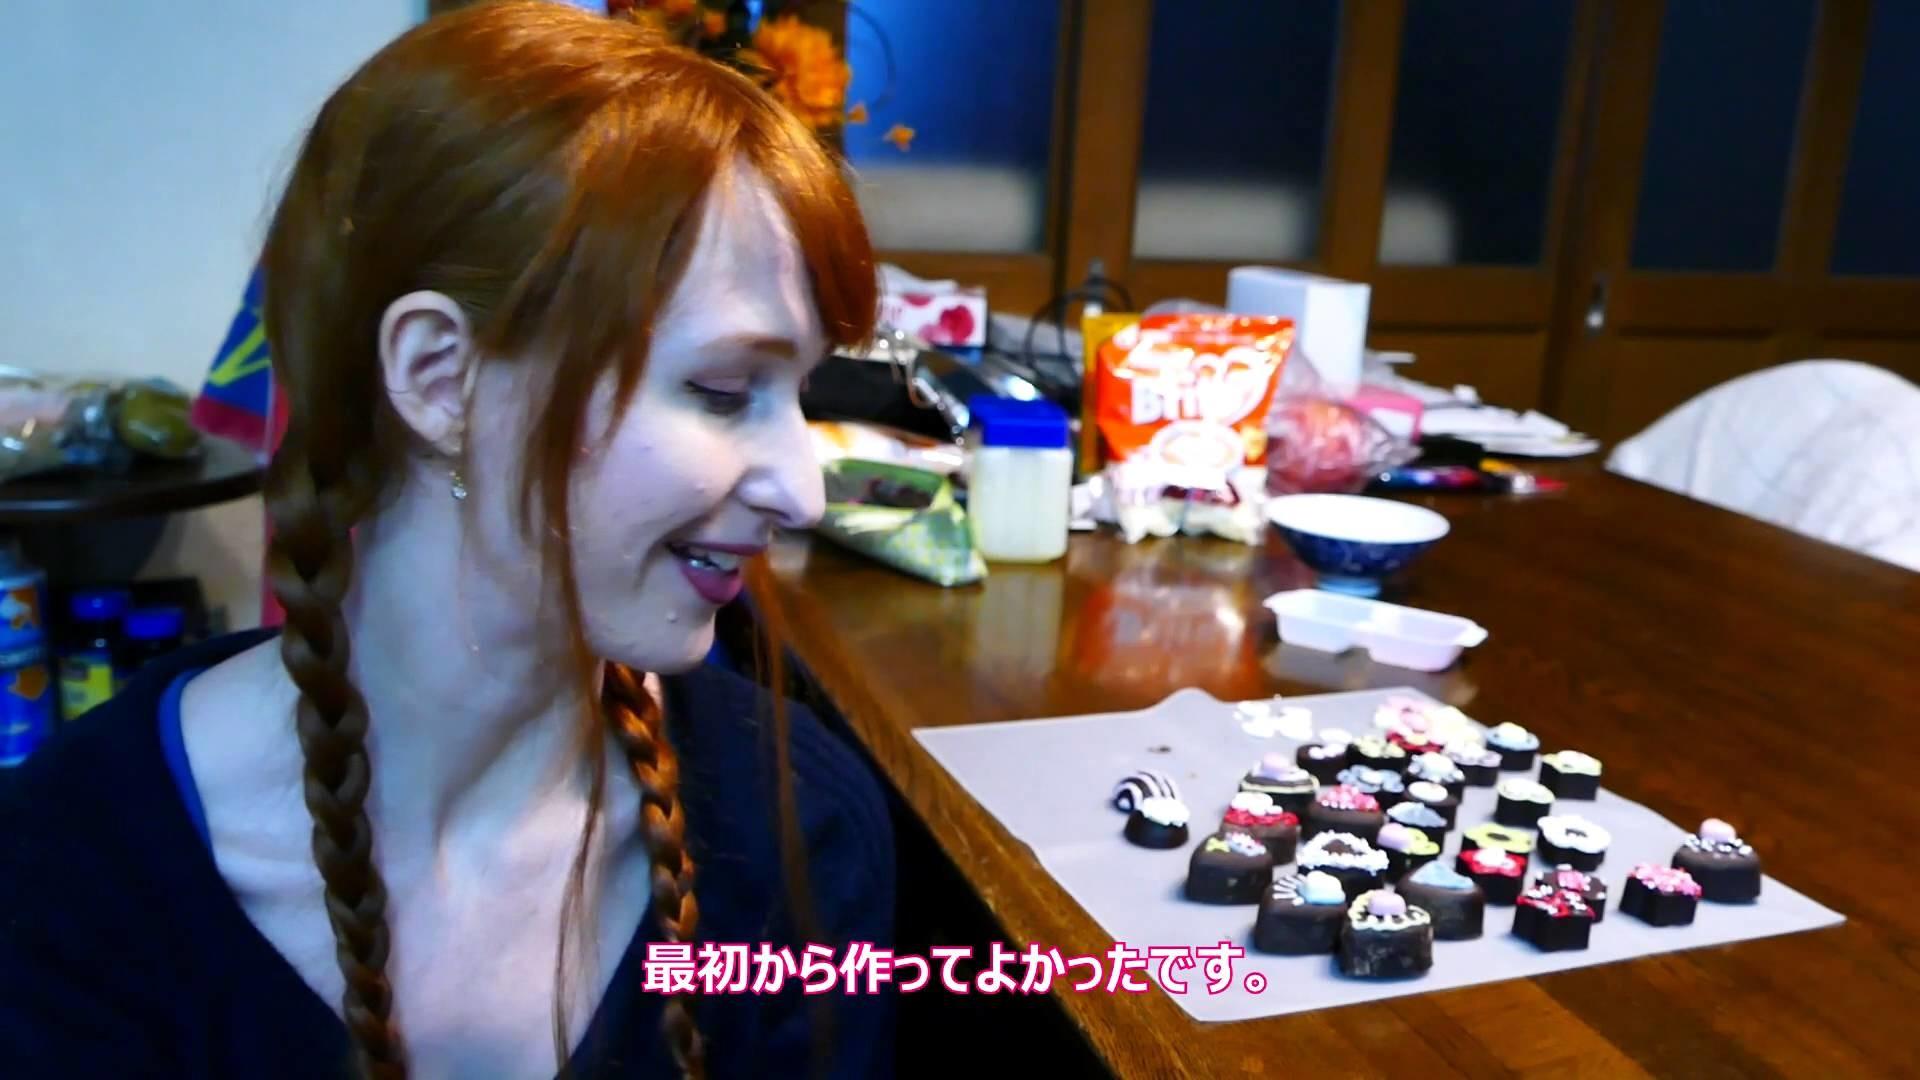 ♥Valentine's Day♥ Making chocolate for Jun! 初バレンタイン!